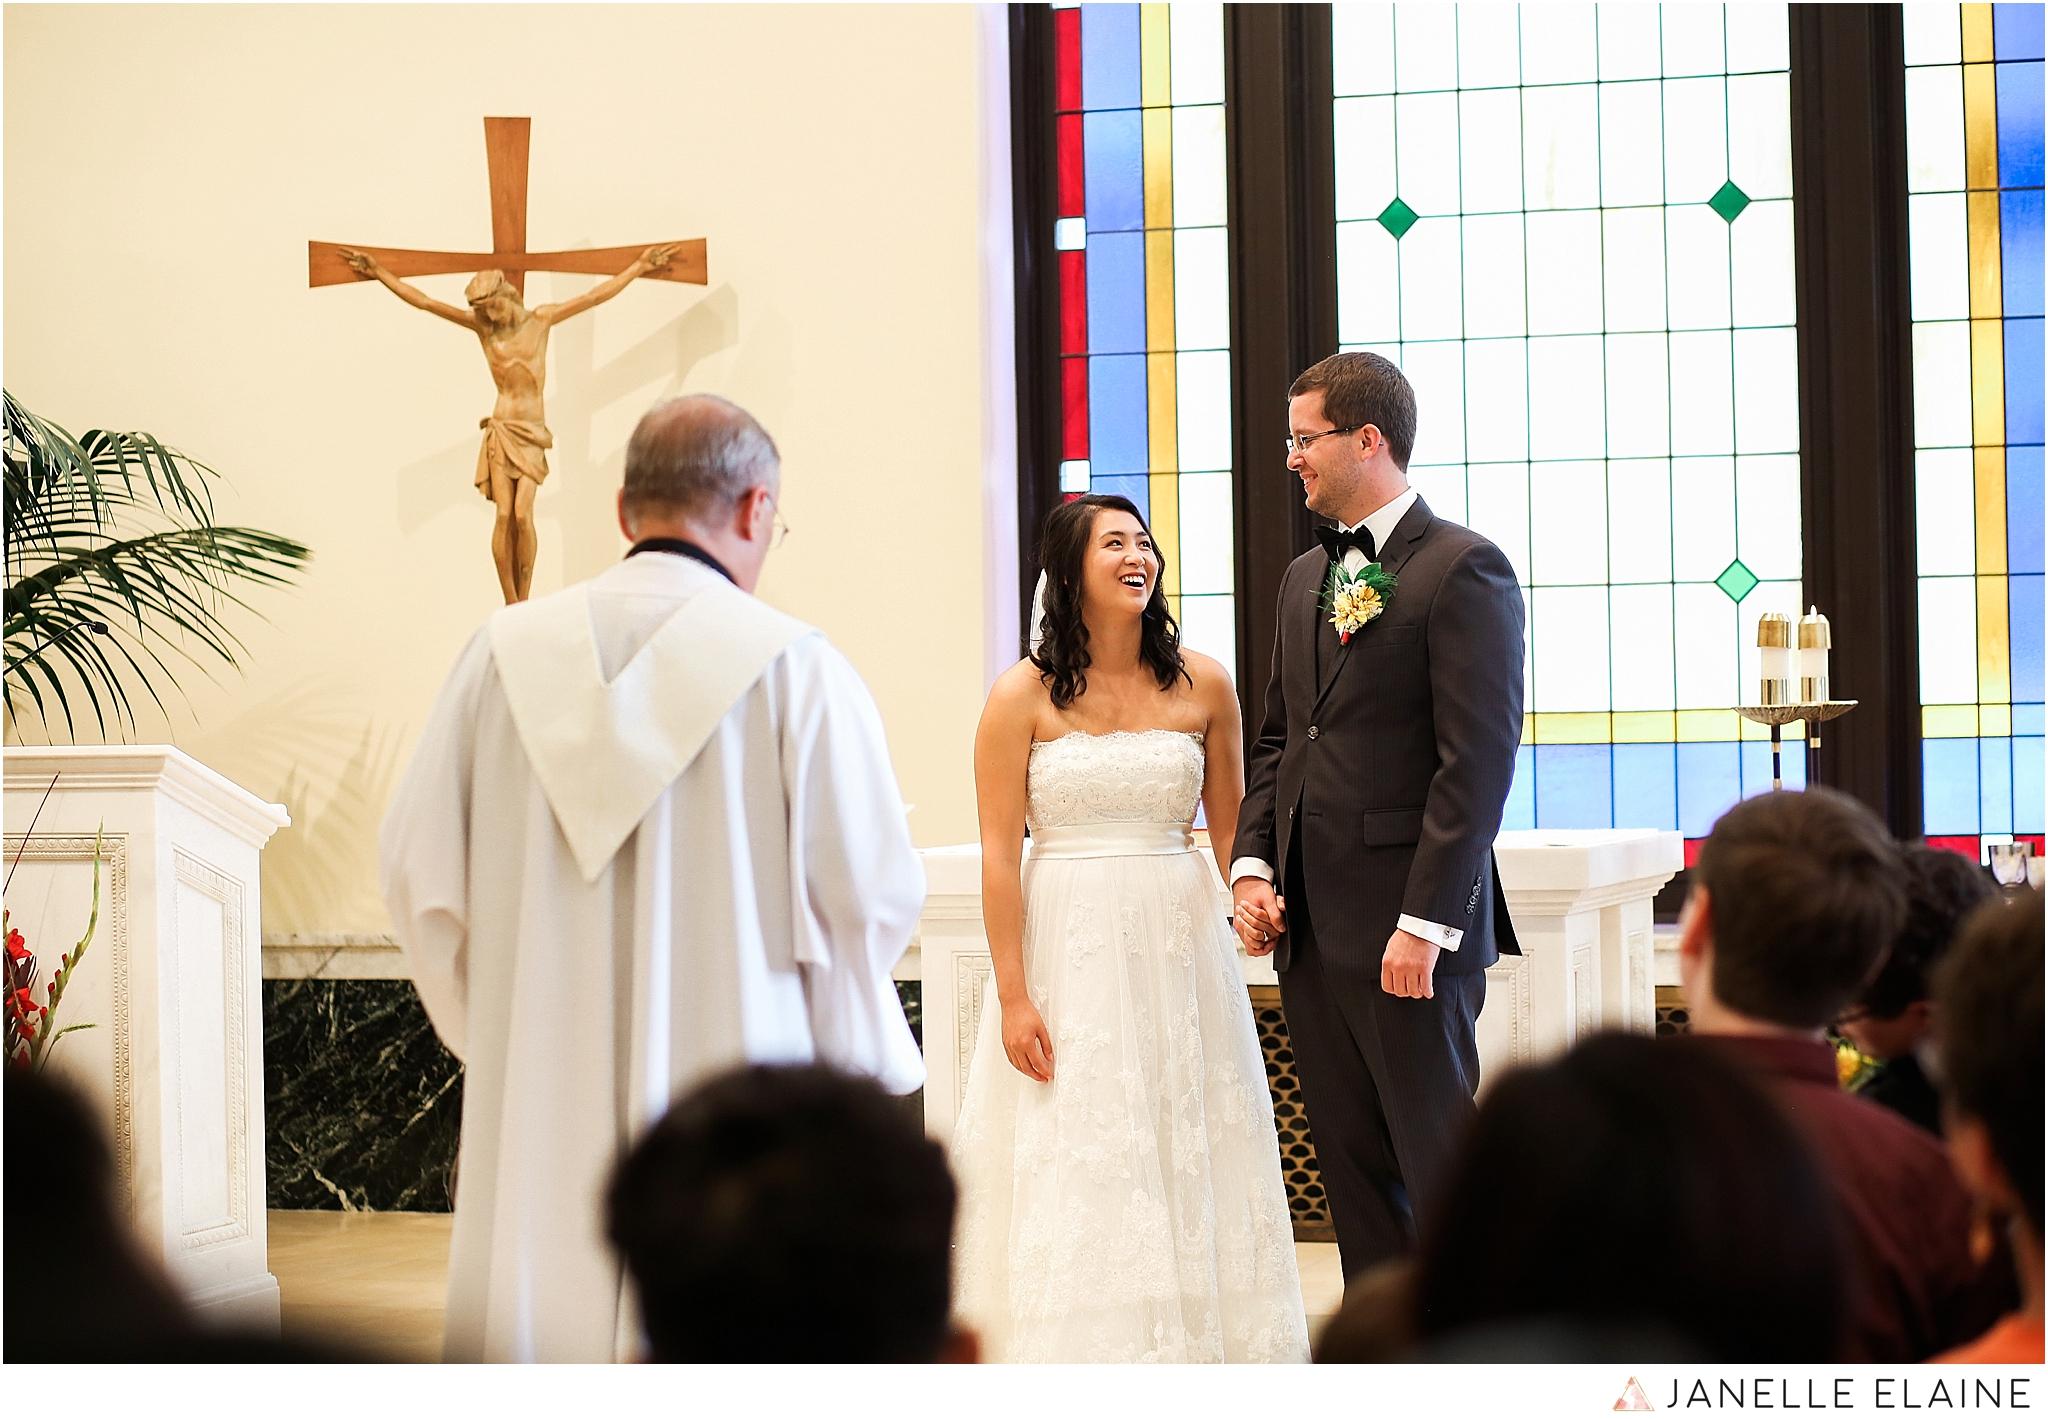 janelle elaine photography-professional wedding photographer seattle--42.jpg